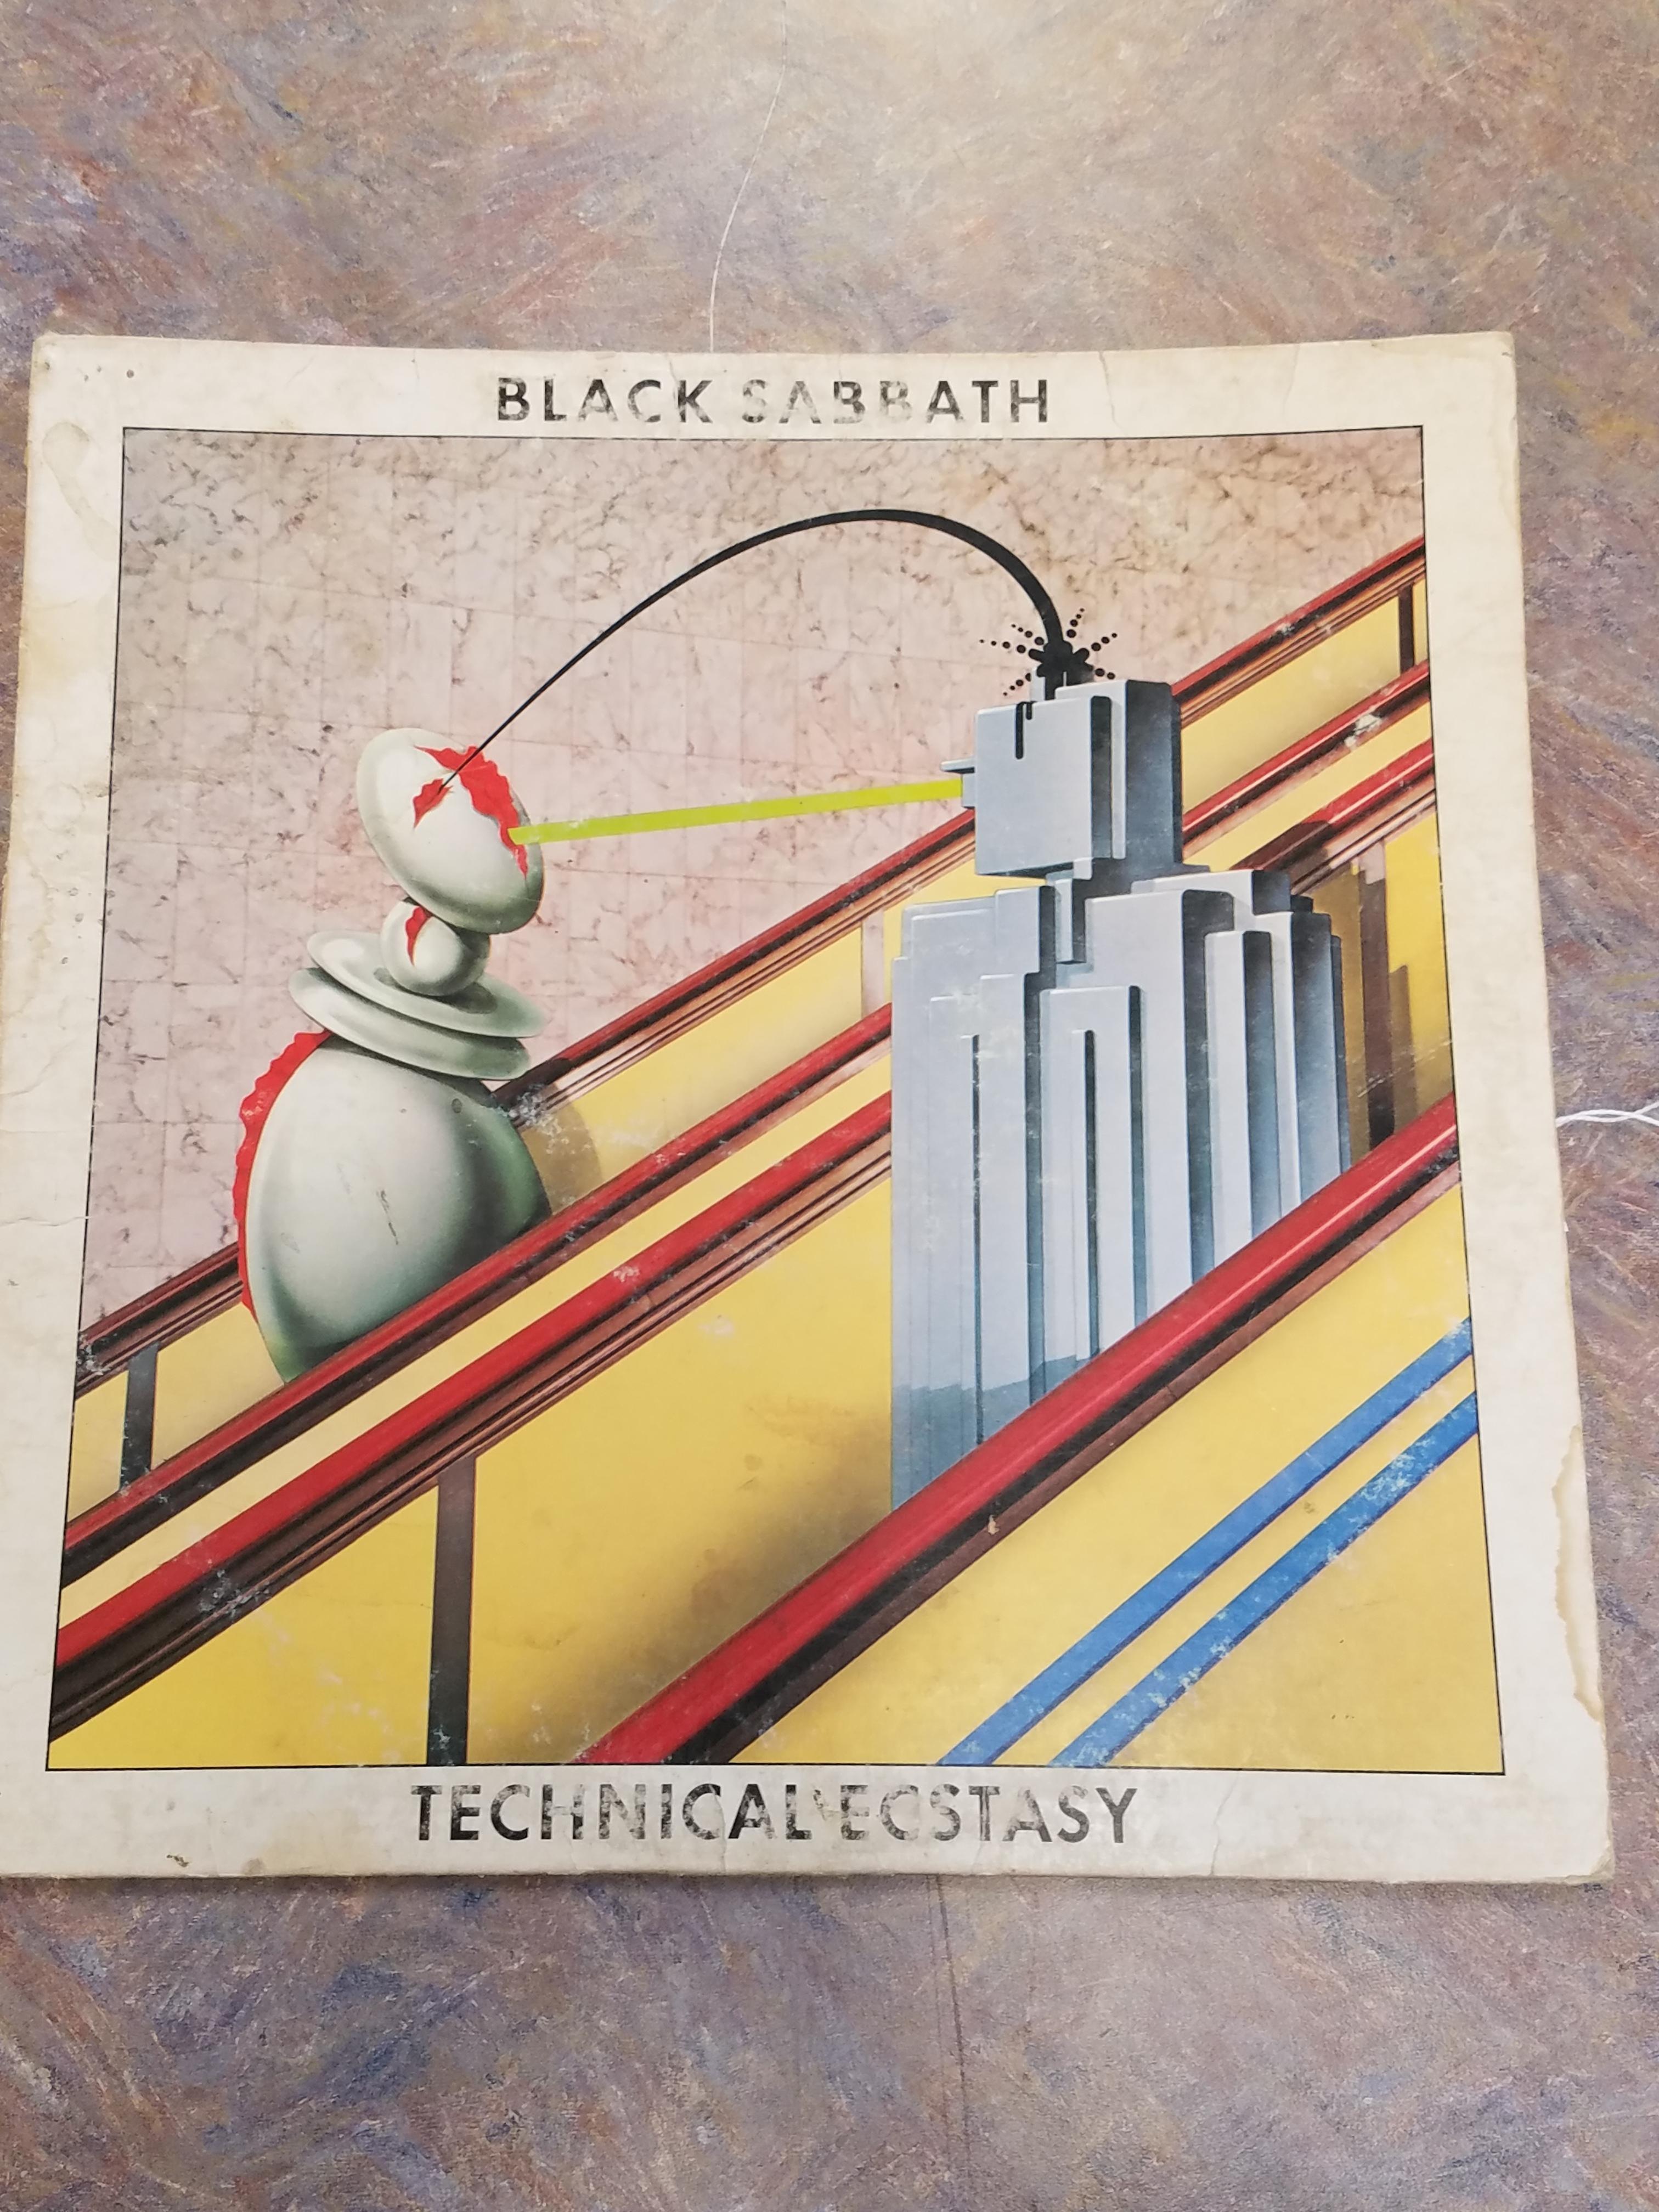 BLACK SABBATH TECHNICAL ECSTASY RECORD